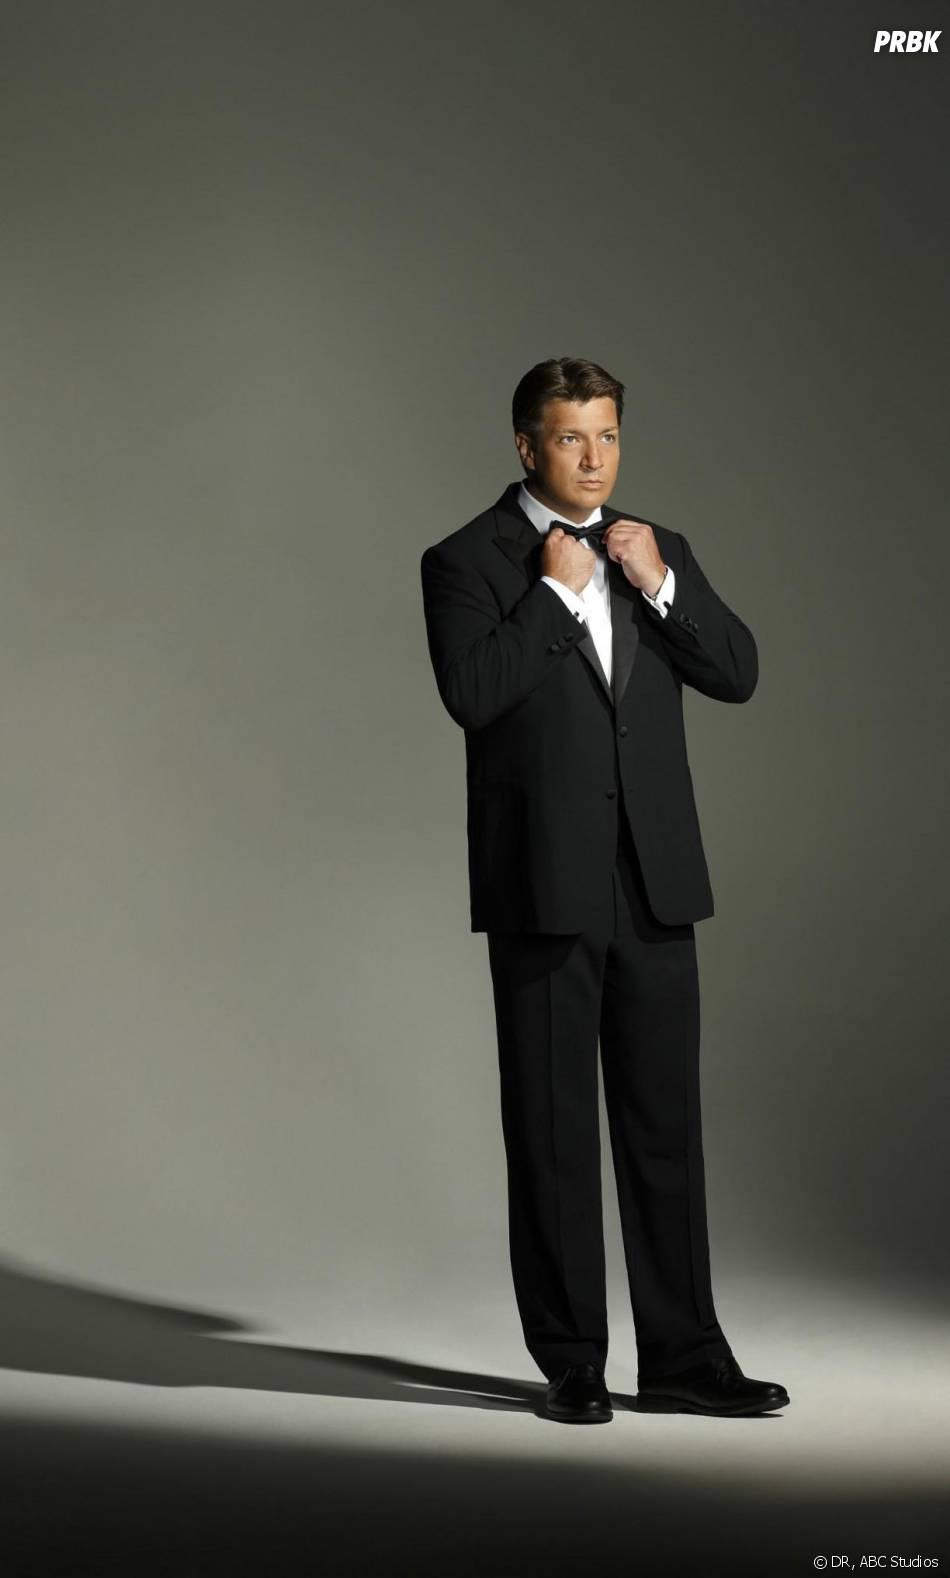 Castle saison 6 : nouvelle photo promo avec Nathan Fillion en costume